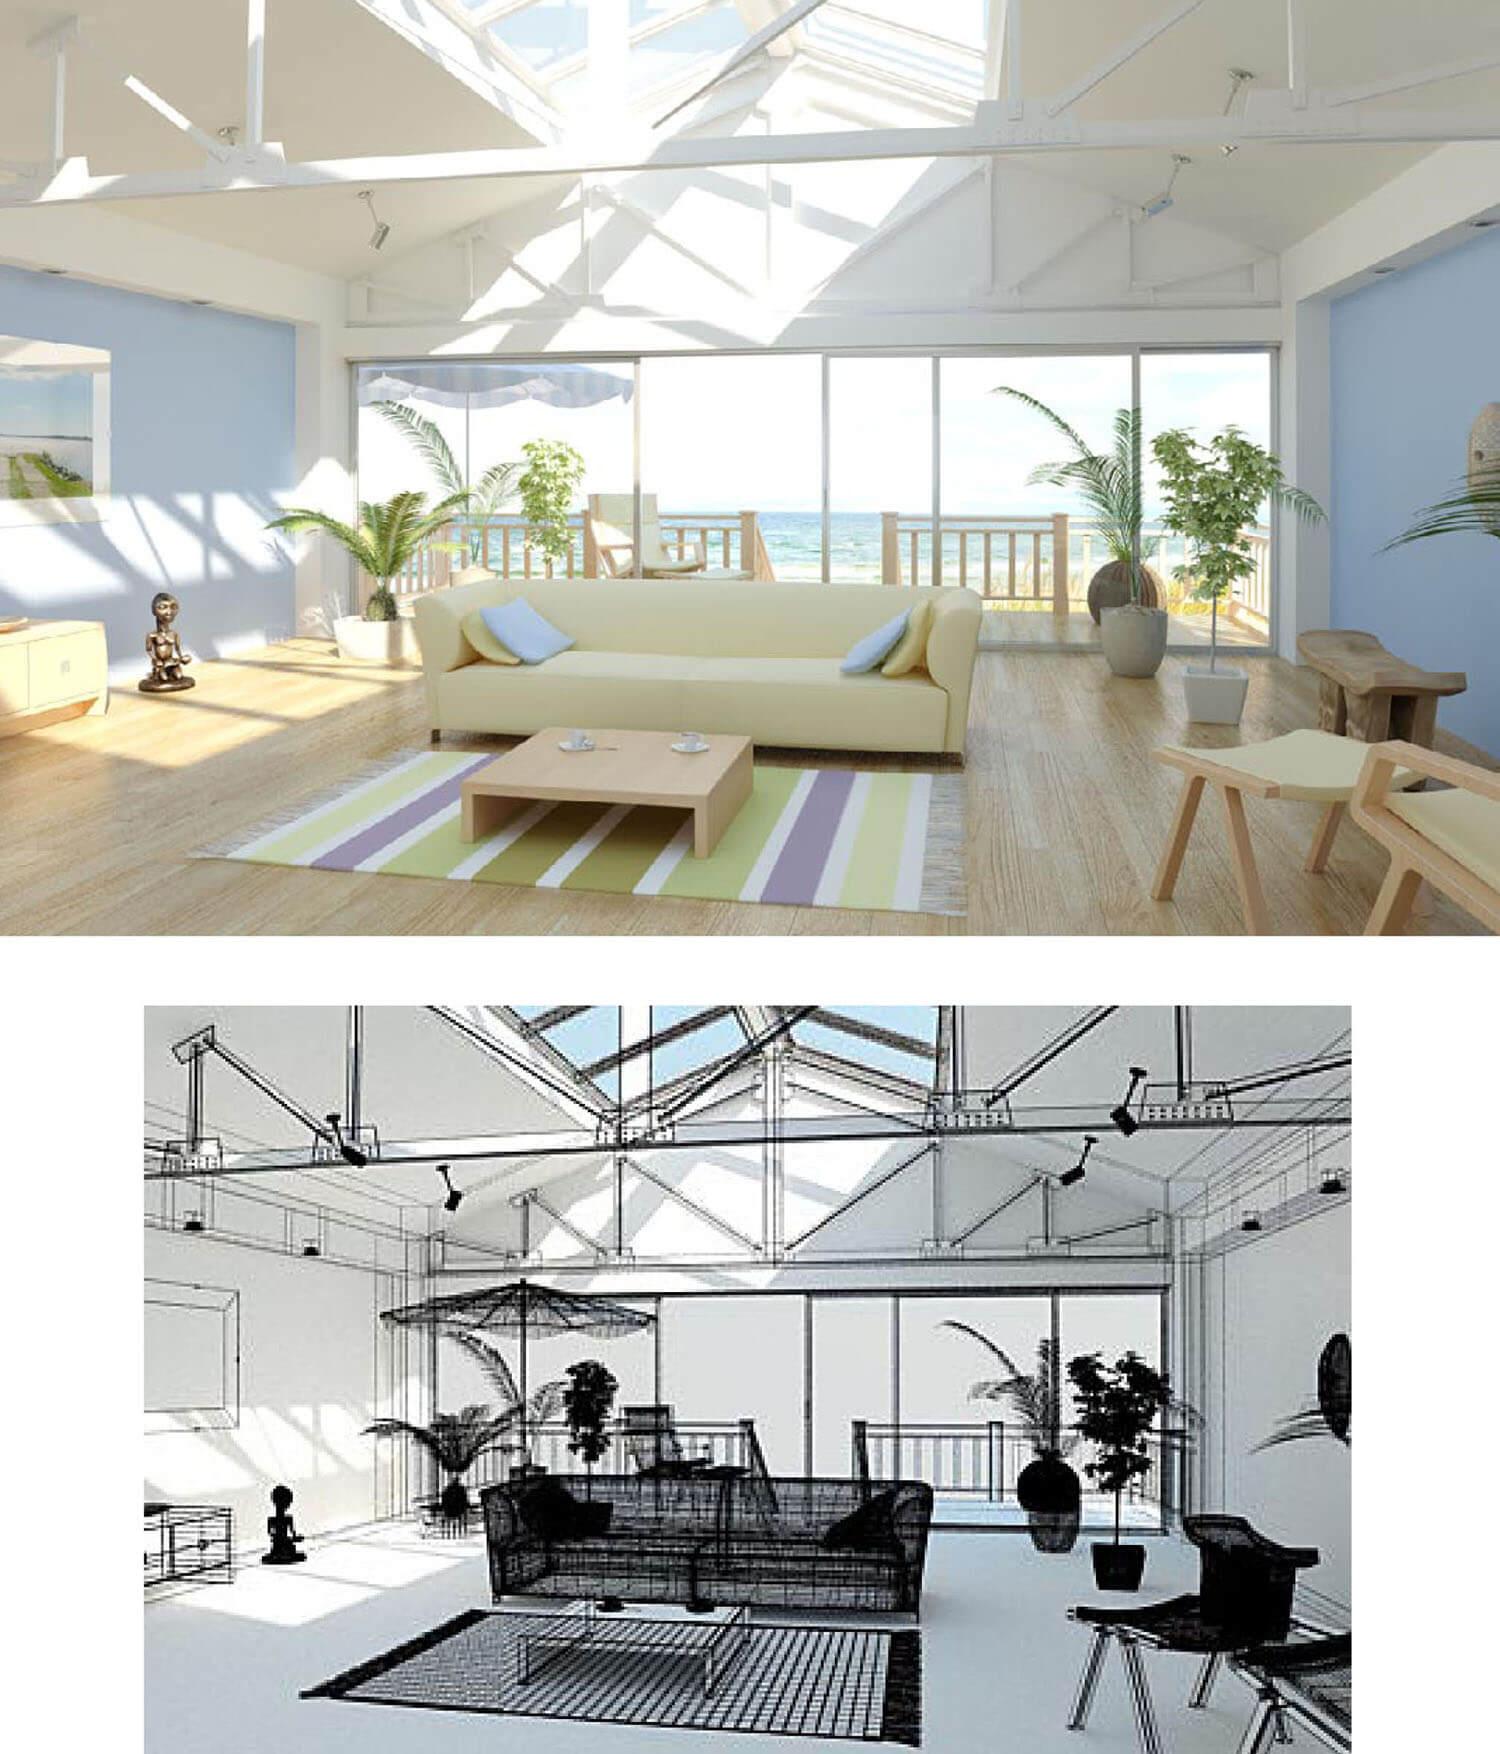 Phòng khách được thiết kế mở tối đa ra phía trước và trên cao